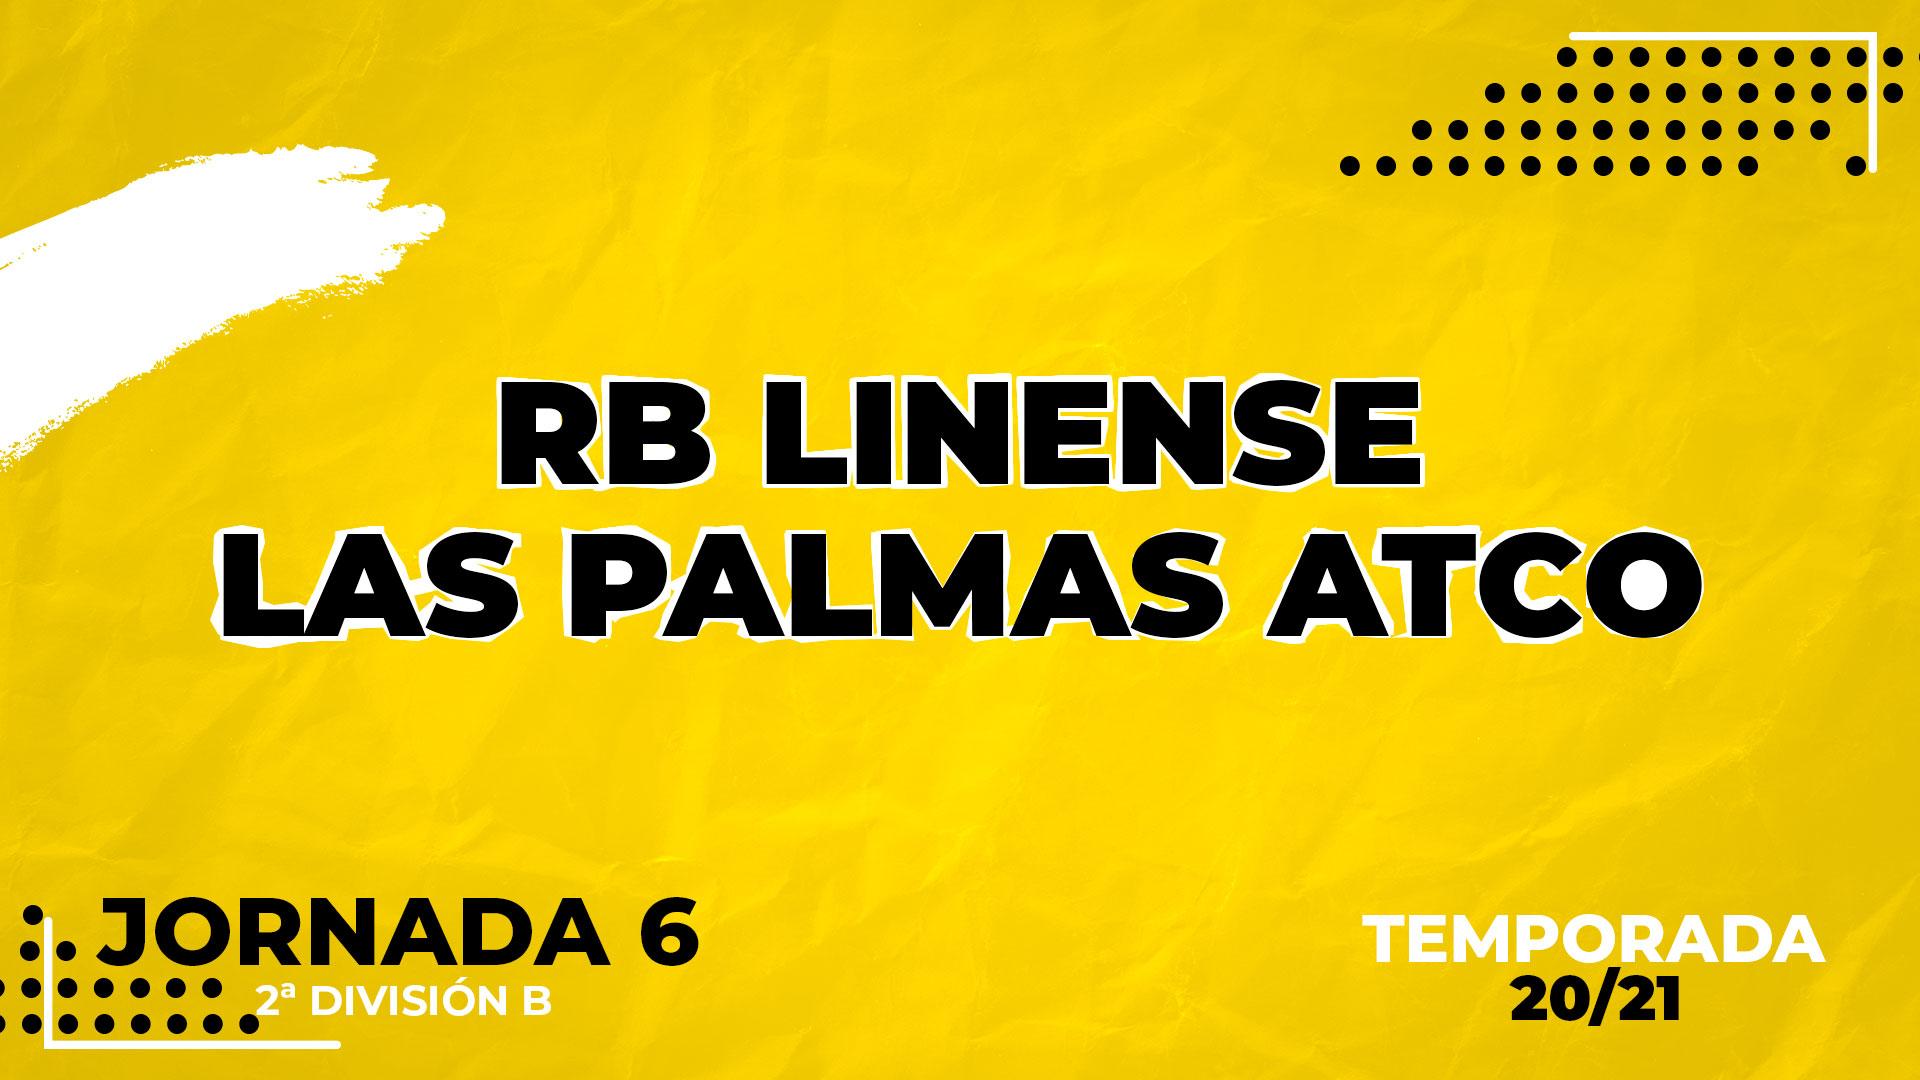 Linense vs Las Palmas Atlético